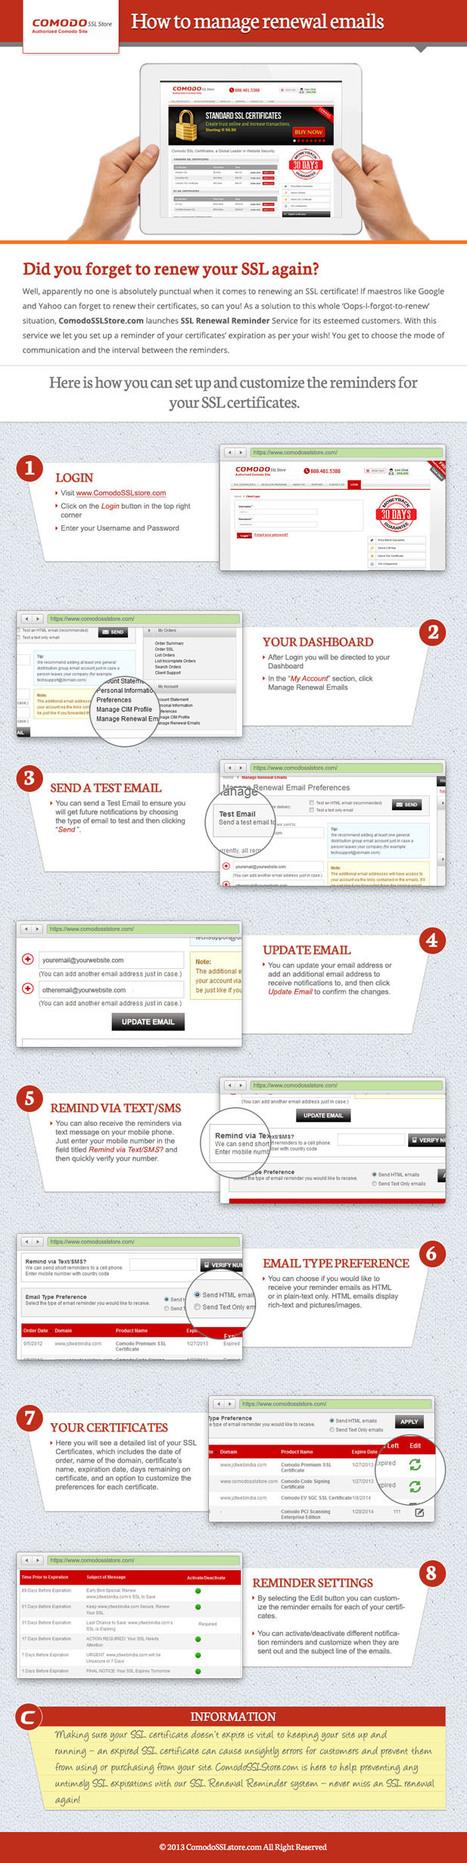 Comodo SSL Store Explain You How To Manage SSL Renewal Emails | Comodo SSL | Scoop.it